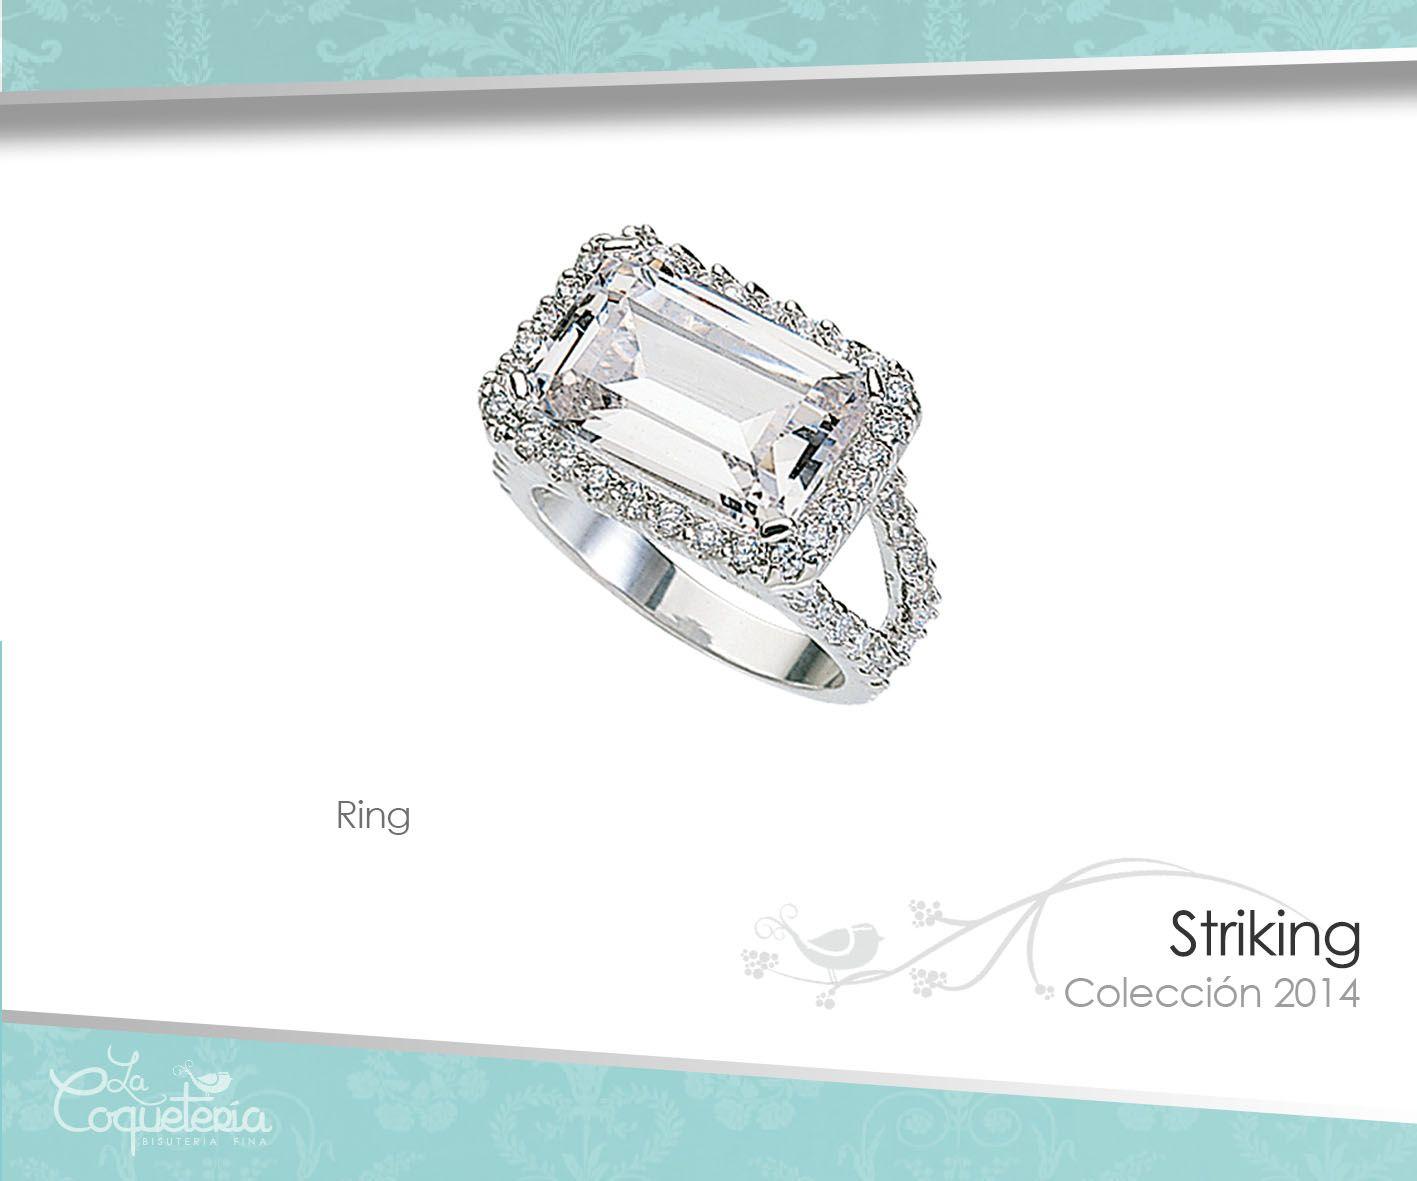 El anillo Striking con su deslumbrante marco de Zirconias similares ...